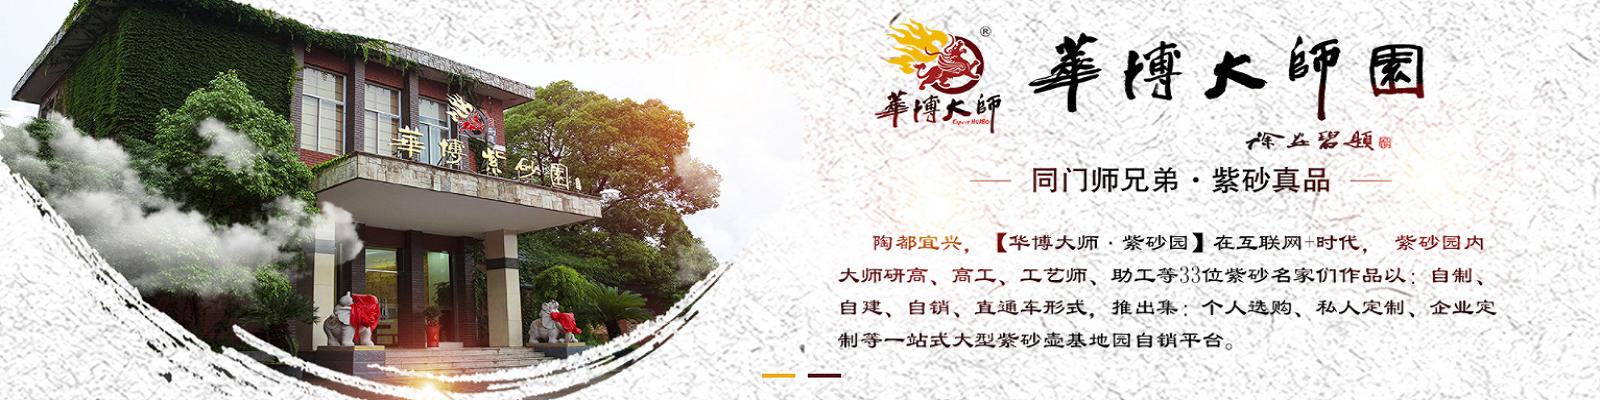 宜兴华博园紫砂艺术中心